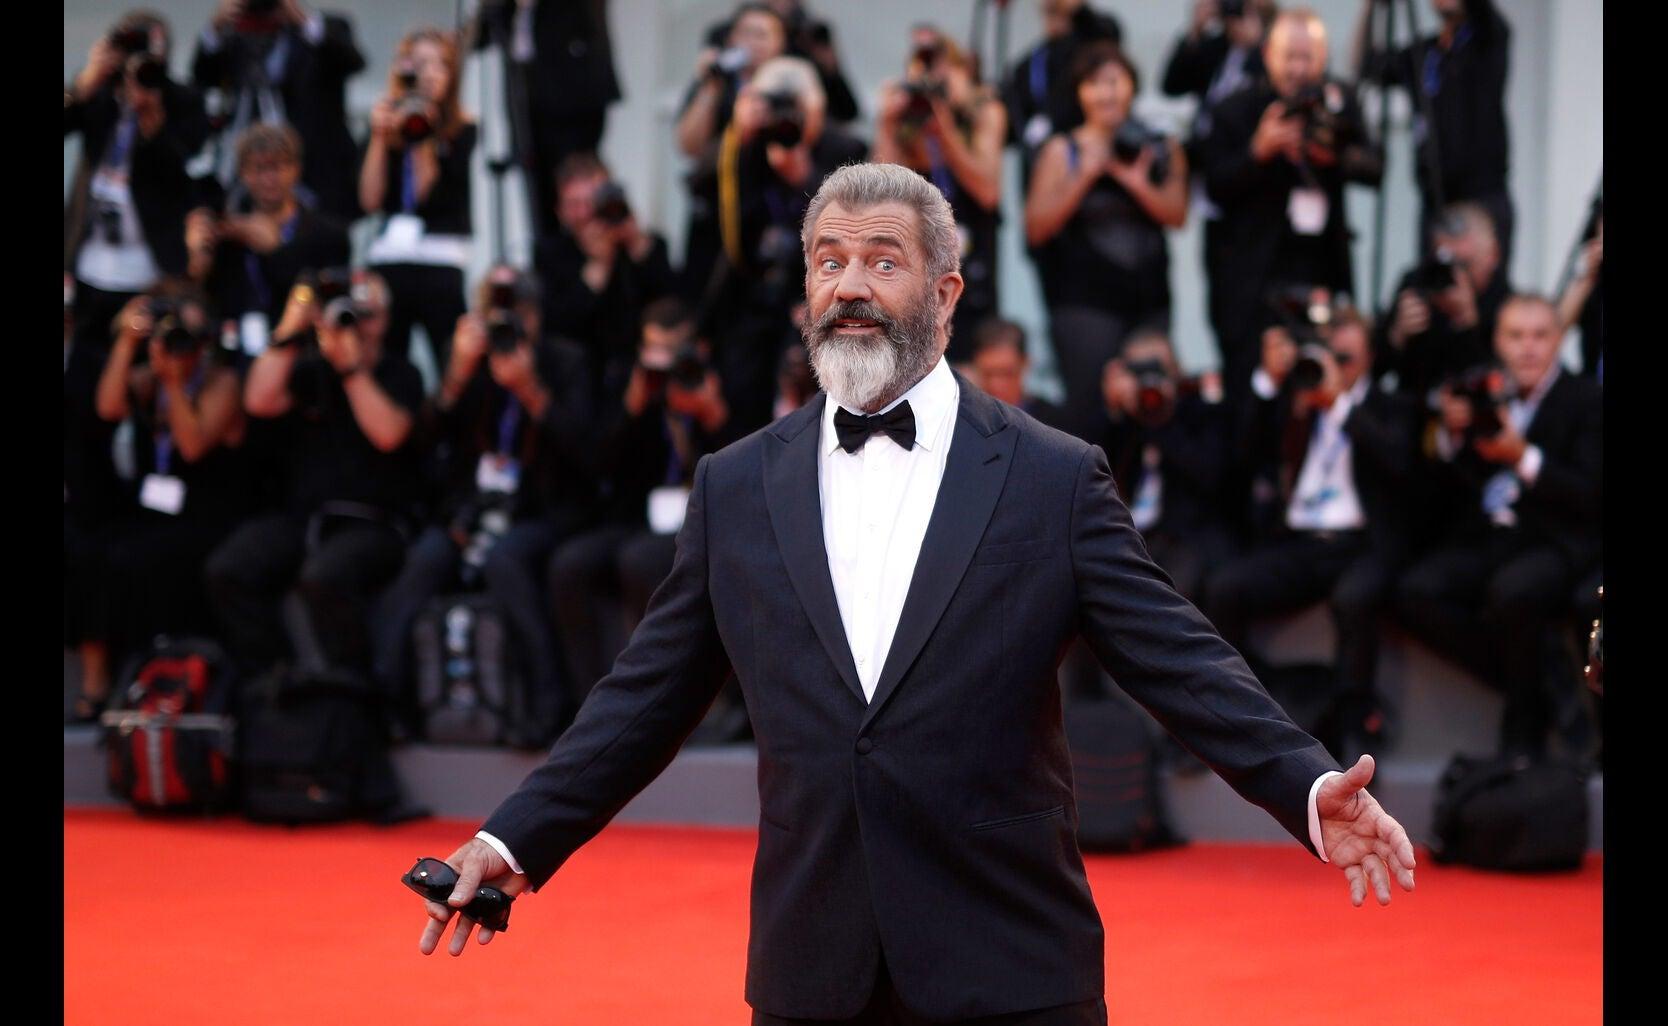 Golden Globe winner Mel Gibson